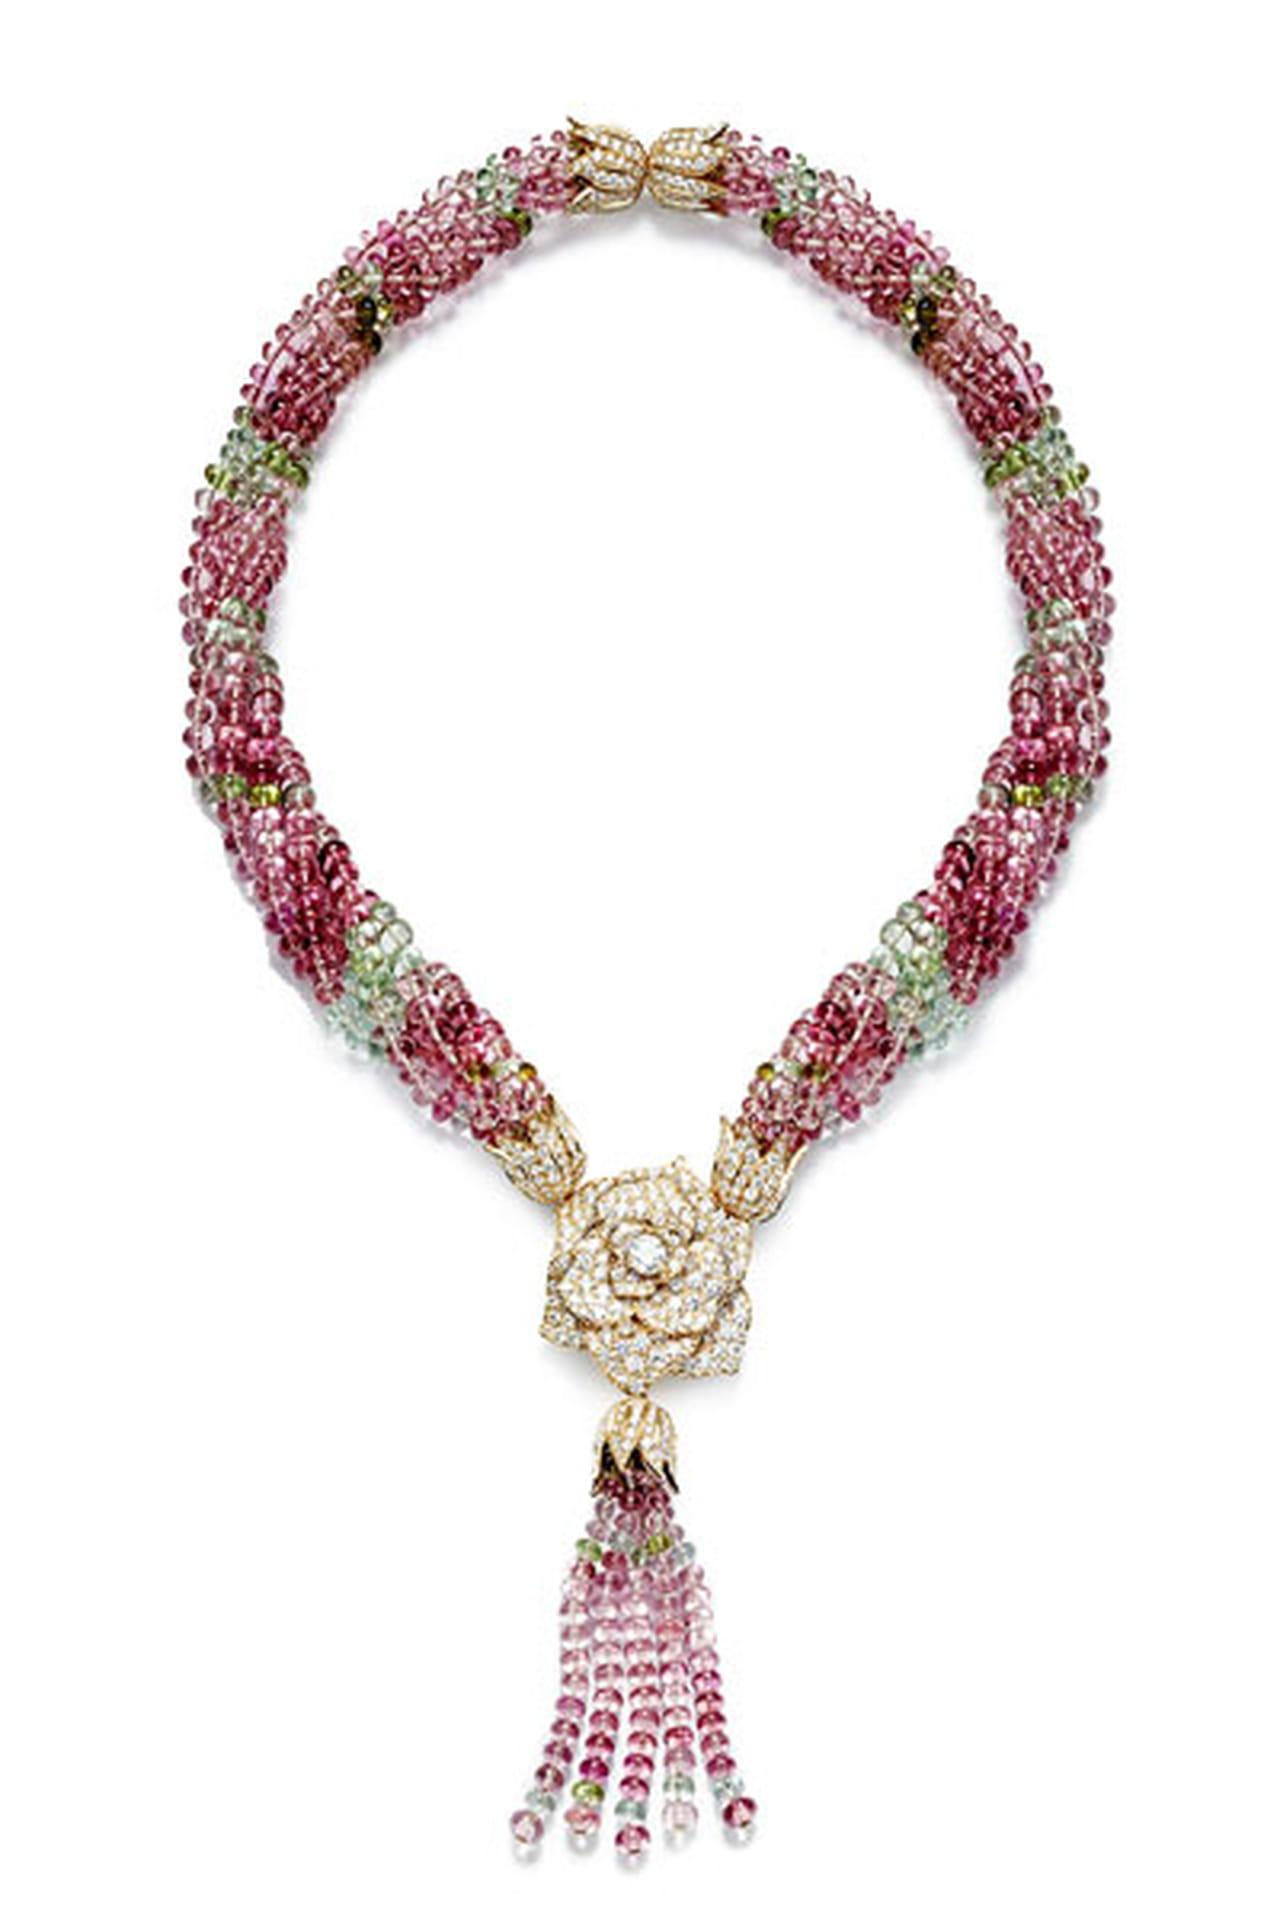 593c32d94 مجوهرات متعددة الألوان .. أبرز الصيحات في 2014